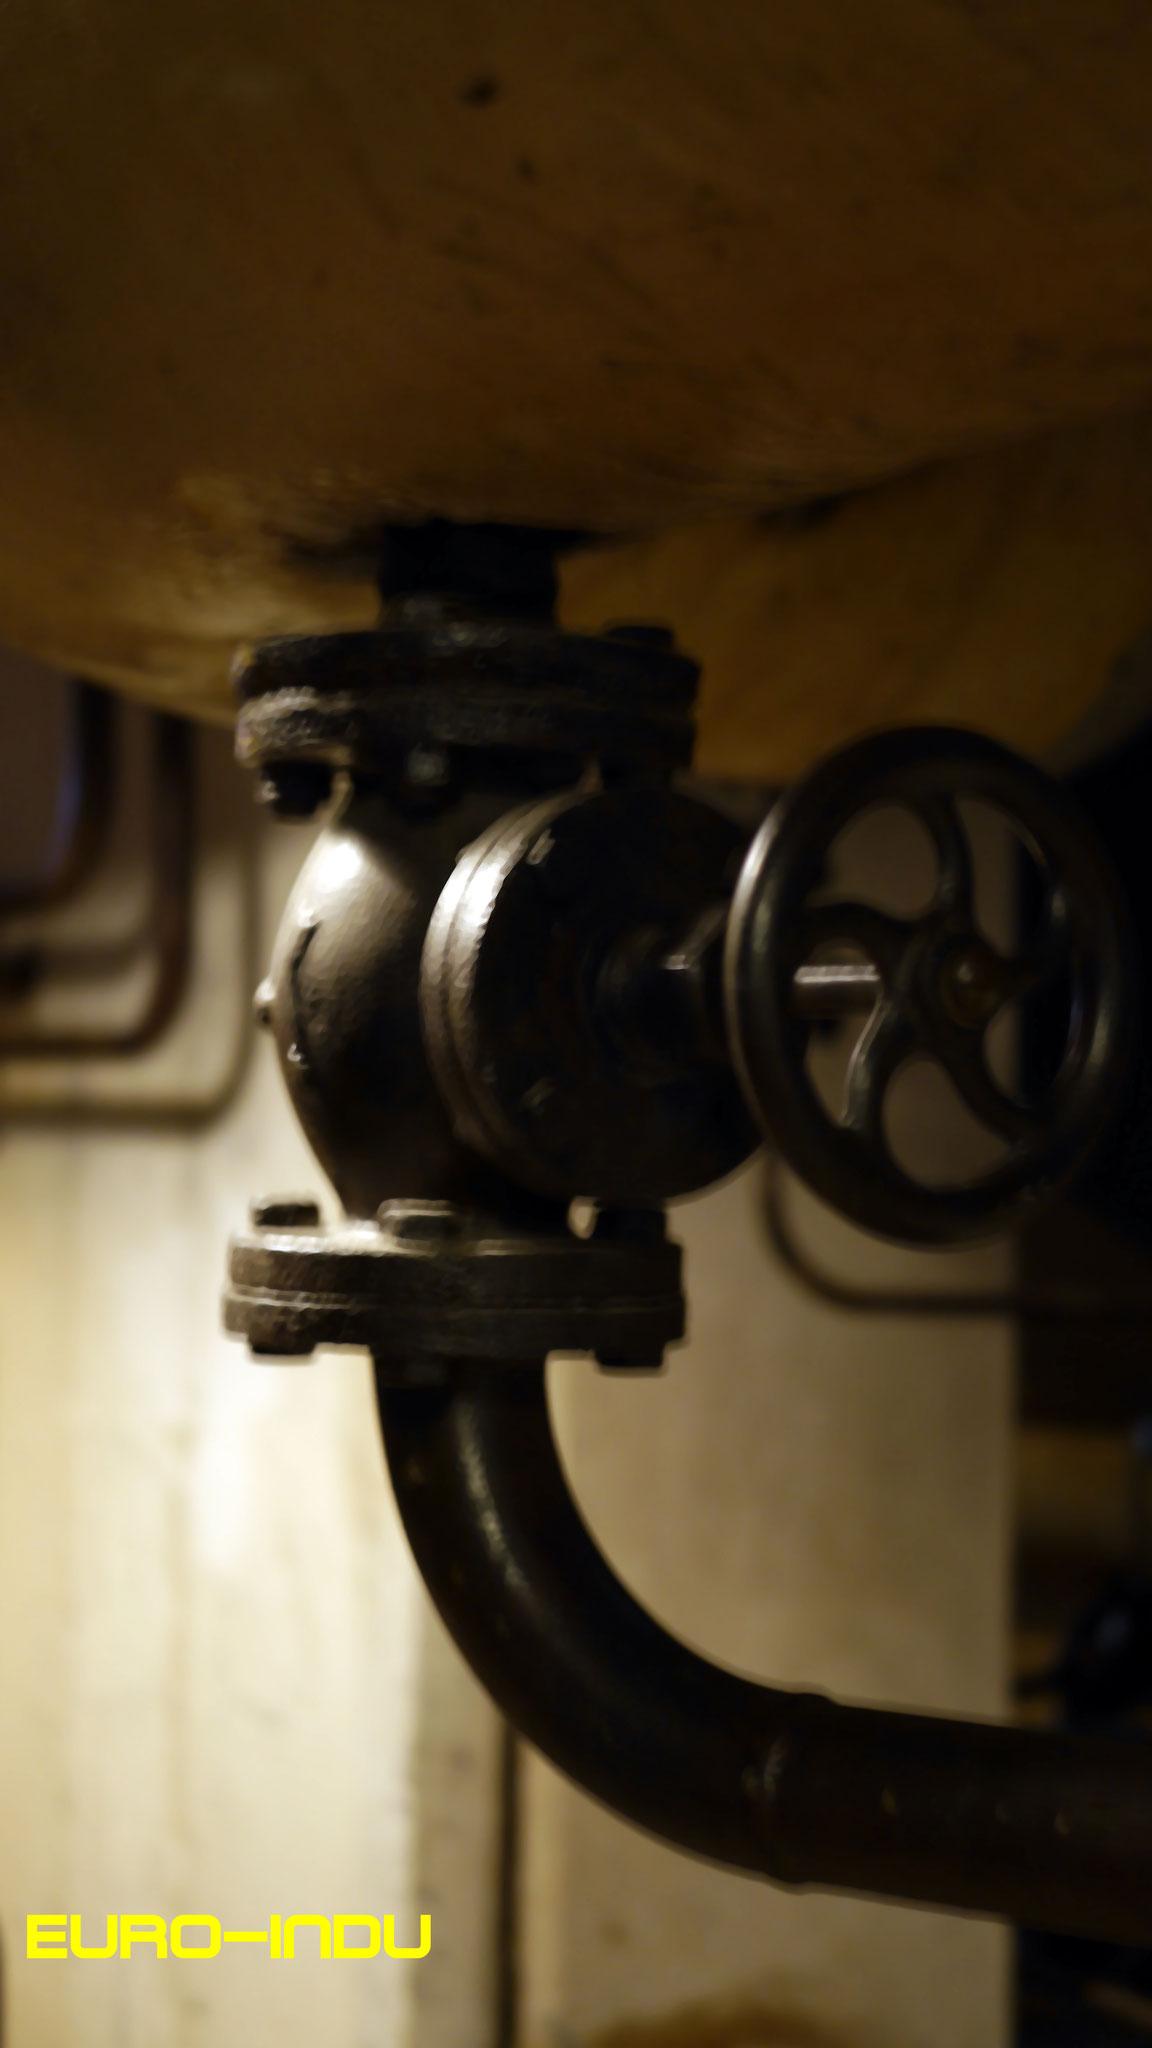 Absperrschieber im Untergeschoss des Turbinenhauses